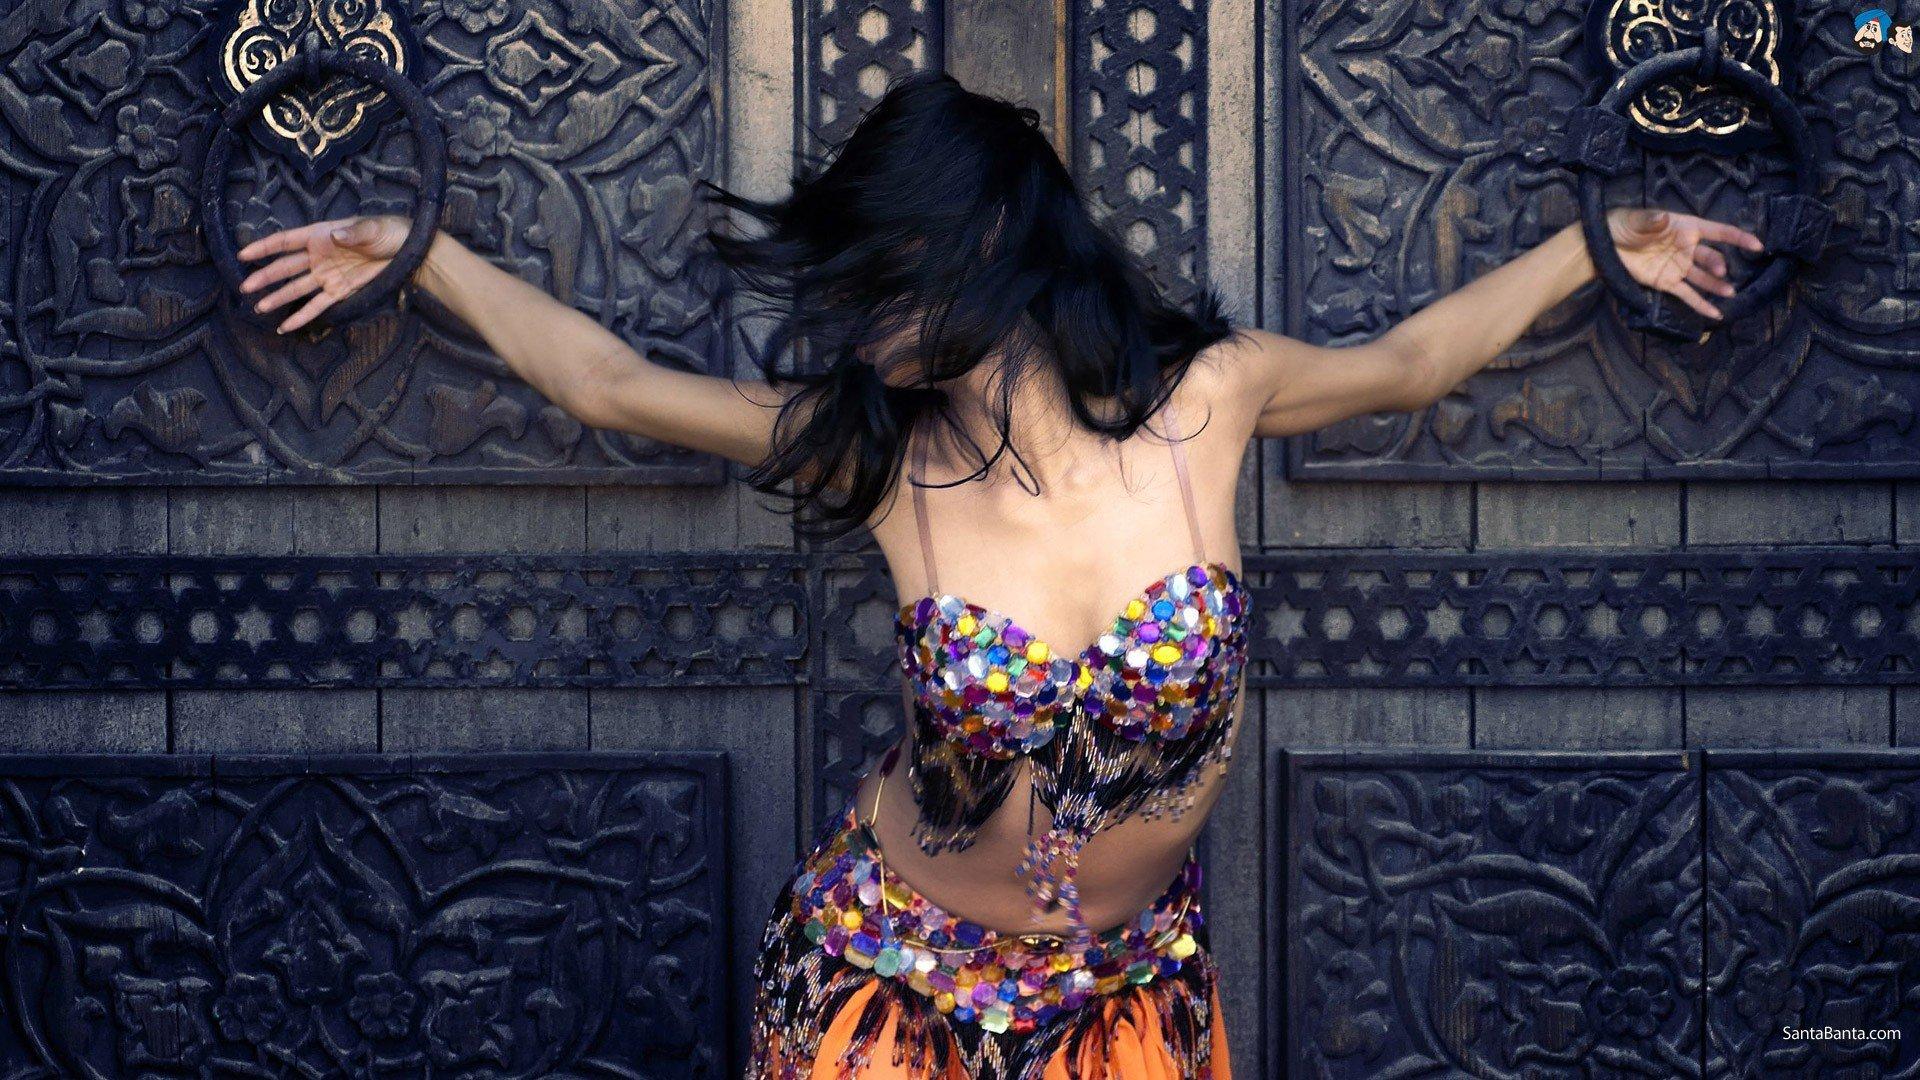 Смотреть бесплатно арабское домашнее 20 фотография